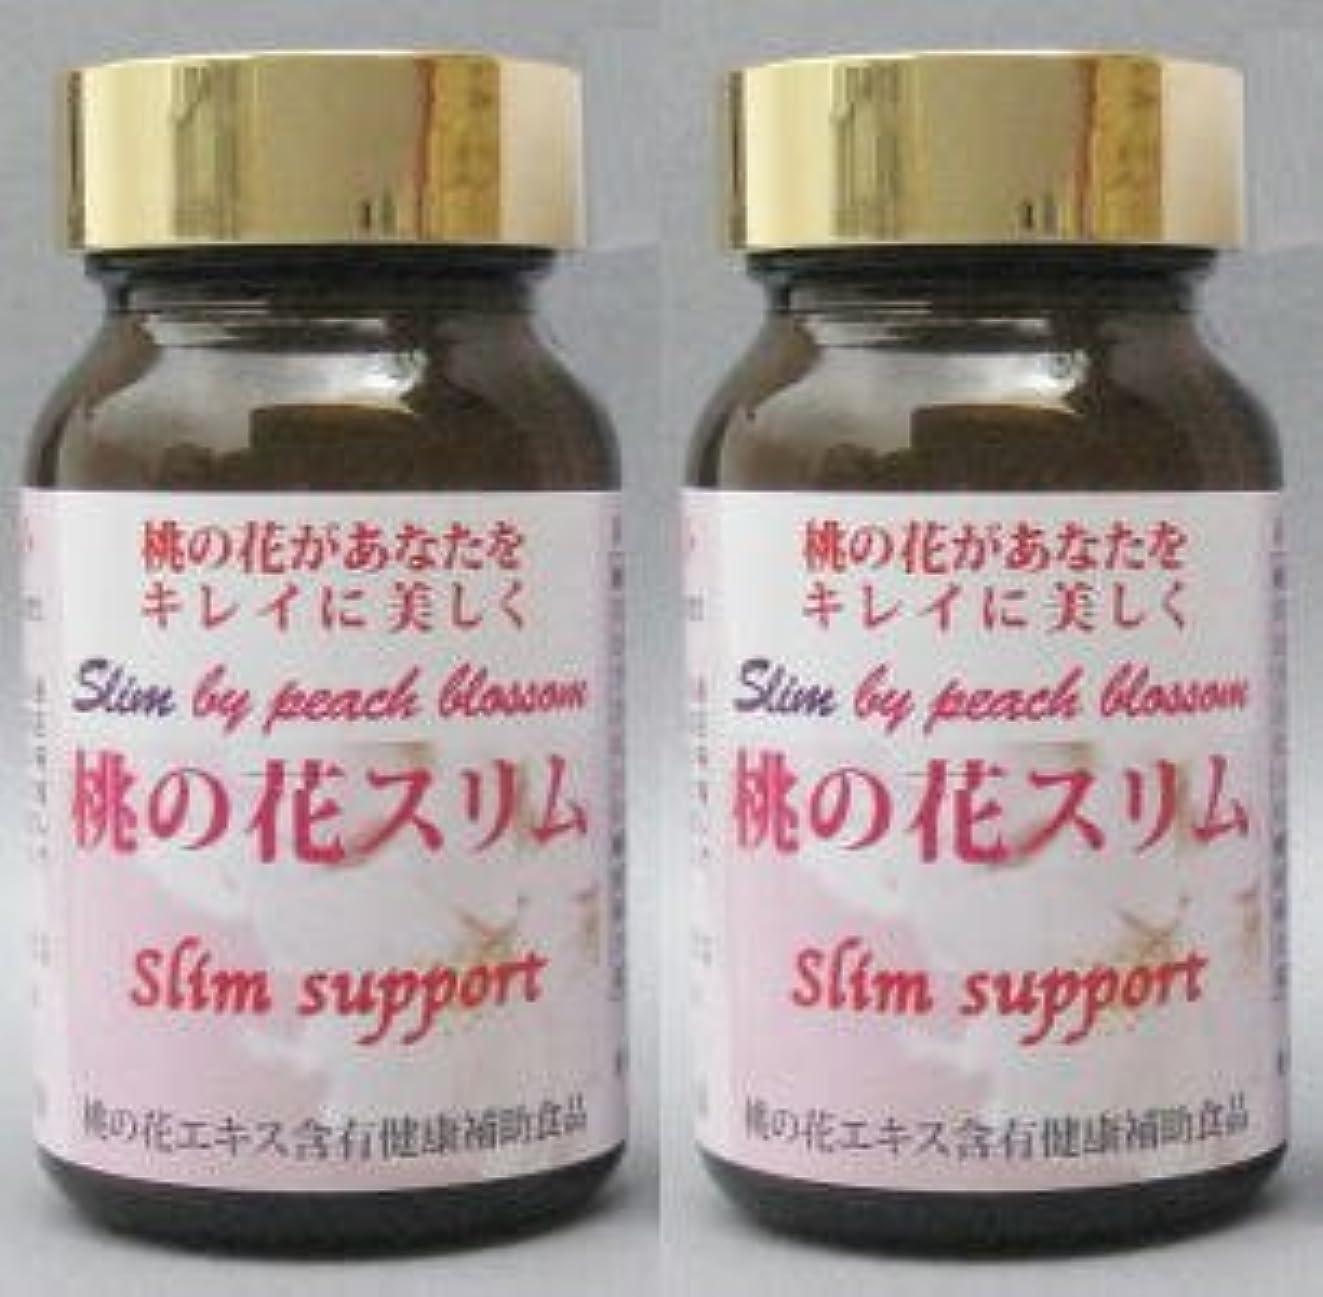 中断周波数怠感Slim support 桃の花エキス含有健康補助食品 桃の花スリム 200mg×180粒 2箱